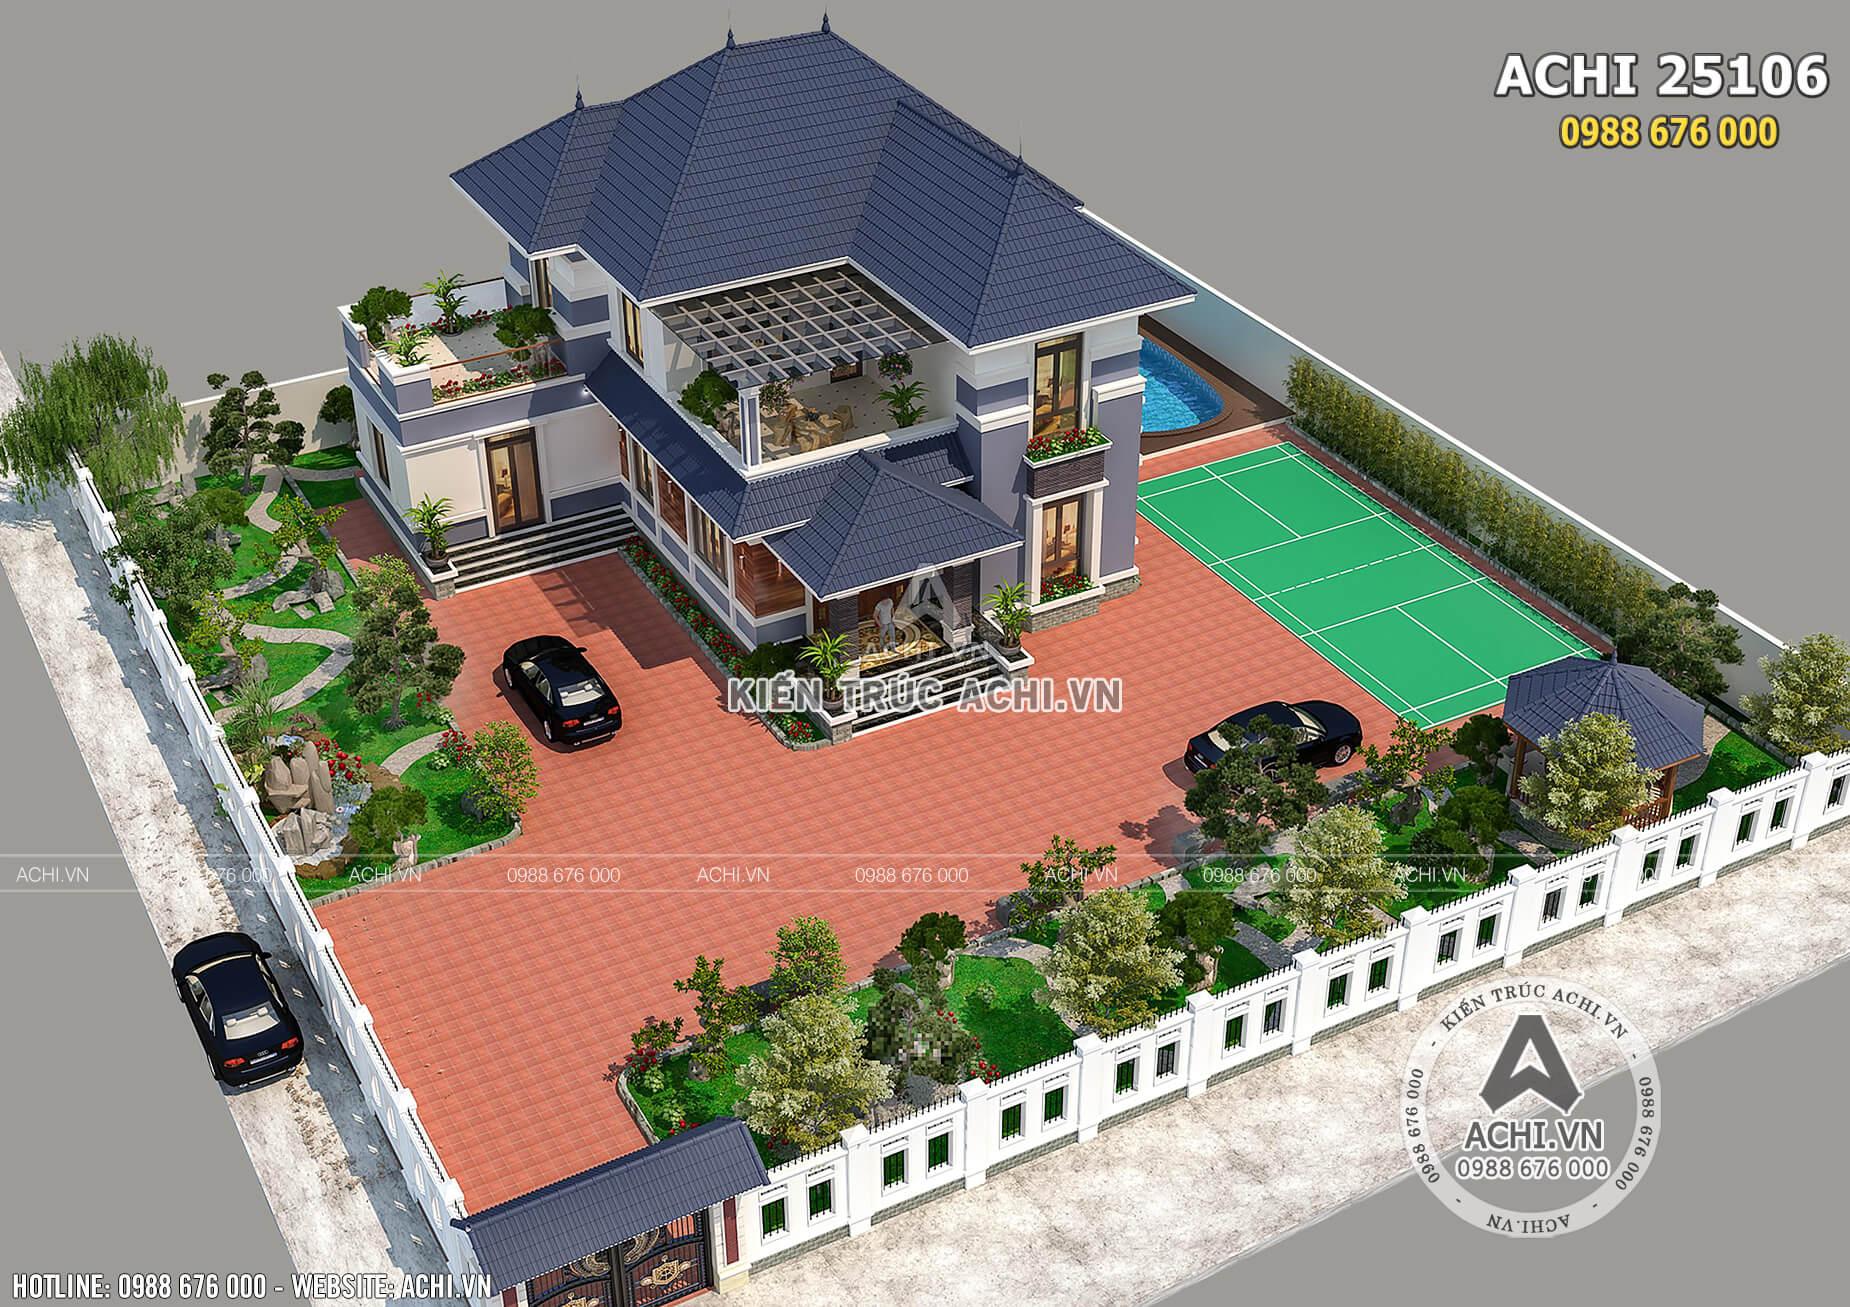 Mẫu thiết kế nhà mái nhật 2 tầng nhìn từ trên cao